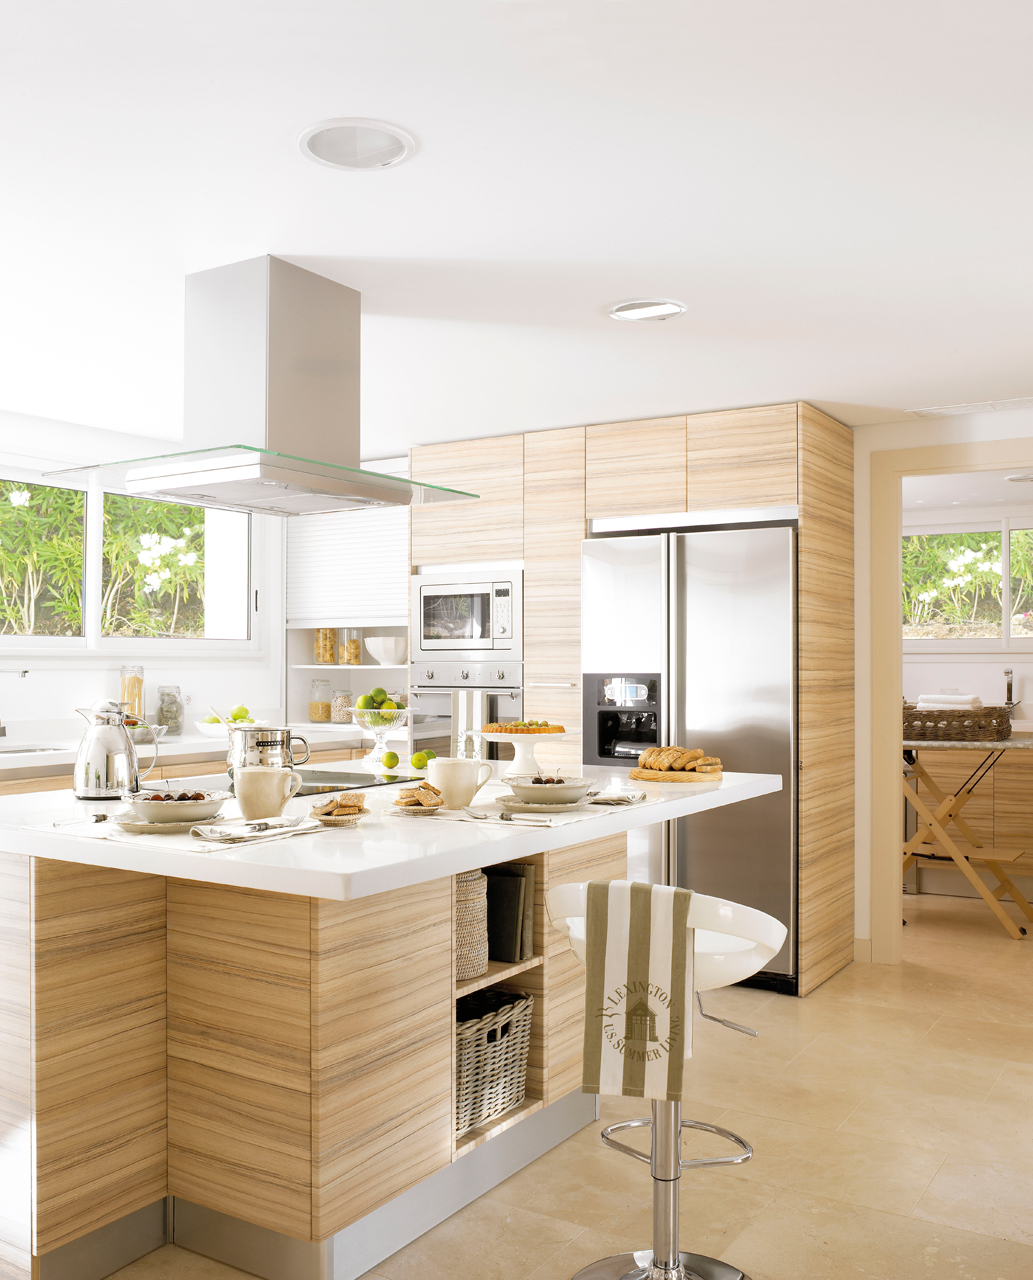 Las 9 cocinas de madera m s c lidas - Encimera de madera para cocina ...